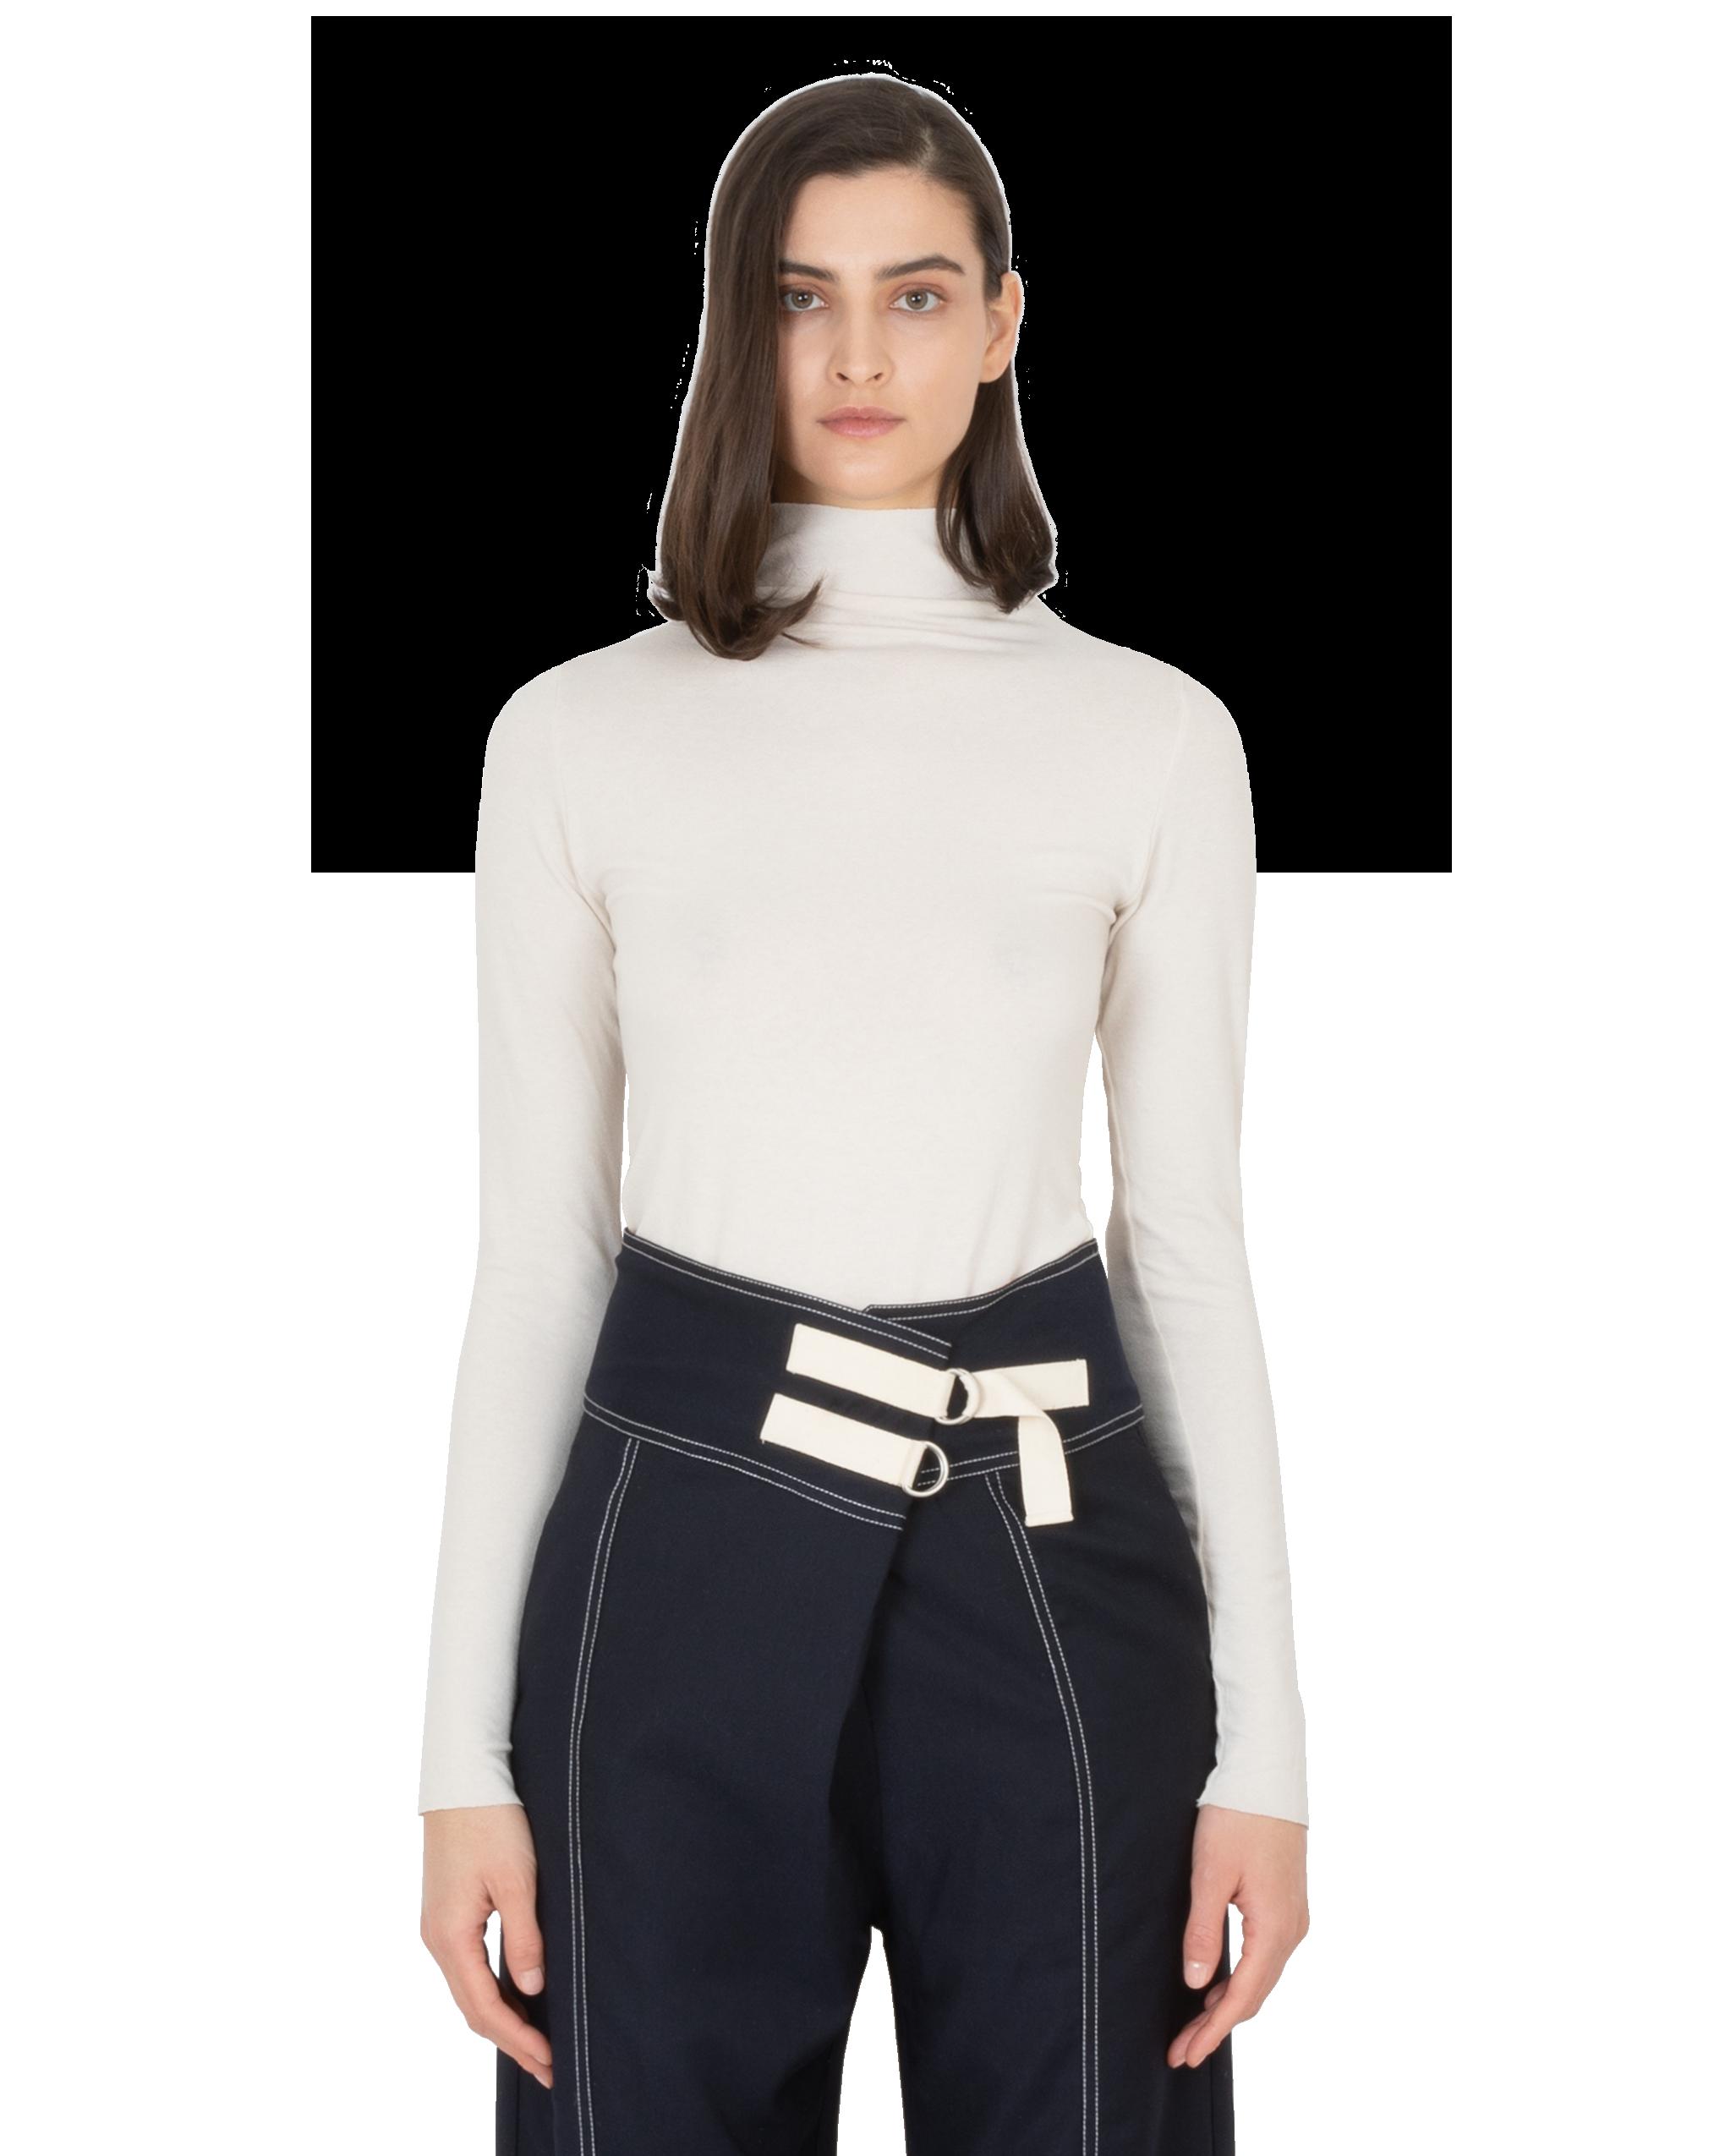 Model wearing EMIN + PAUL cream second skin jersey blouse.